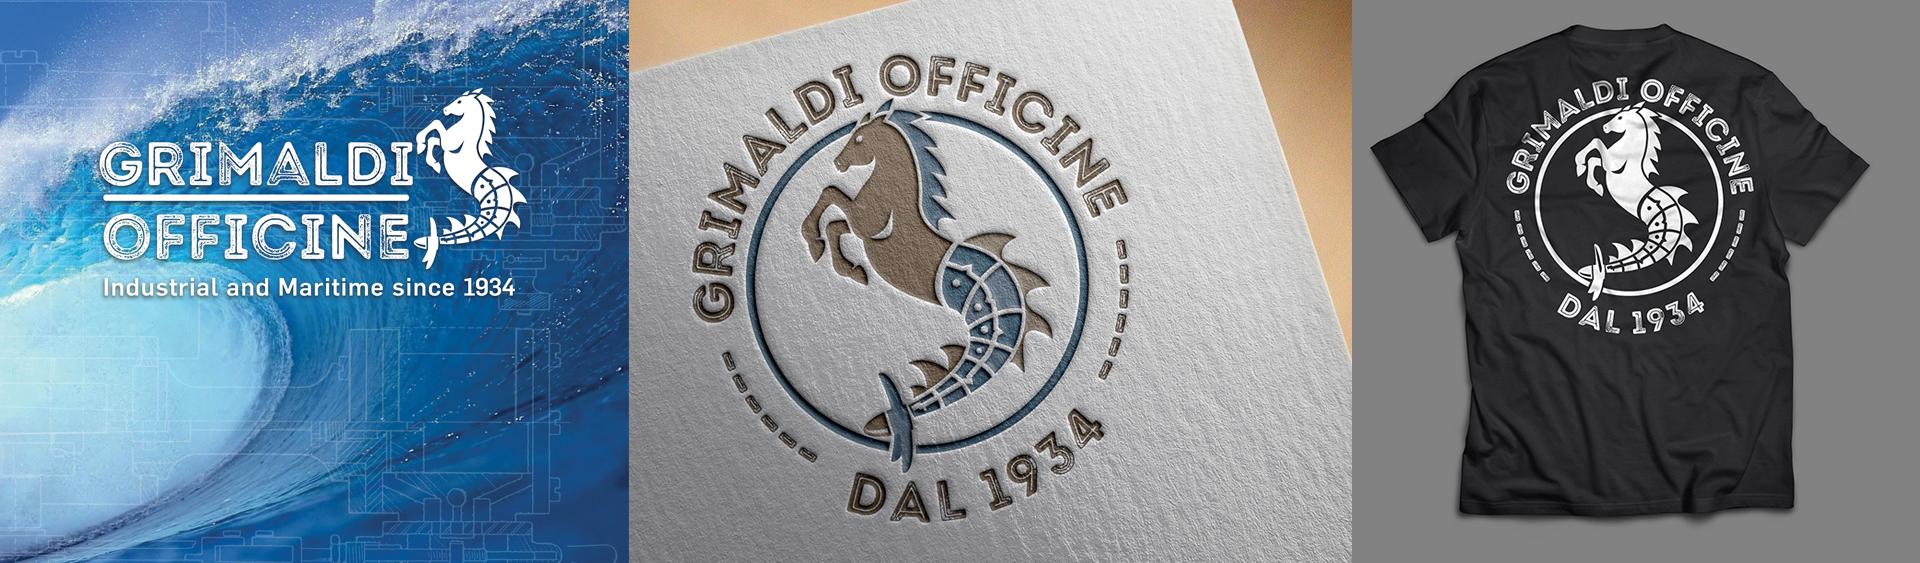 001_large_grimaldi